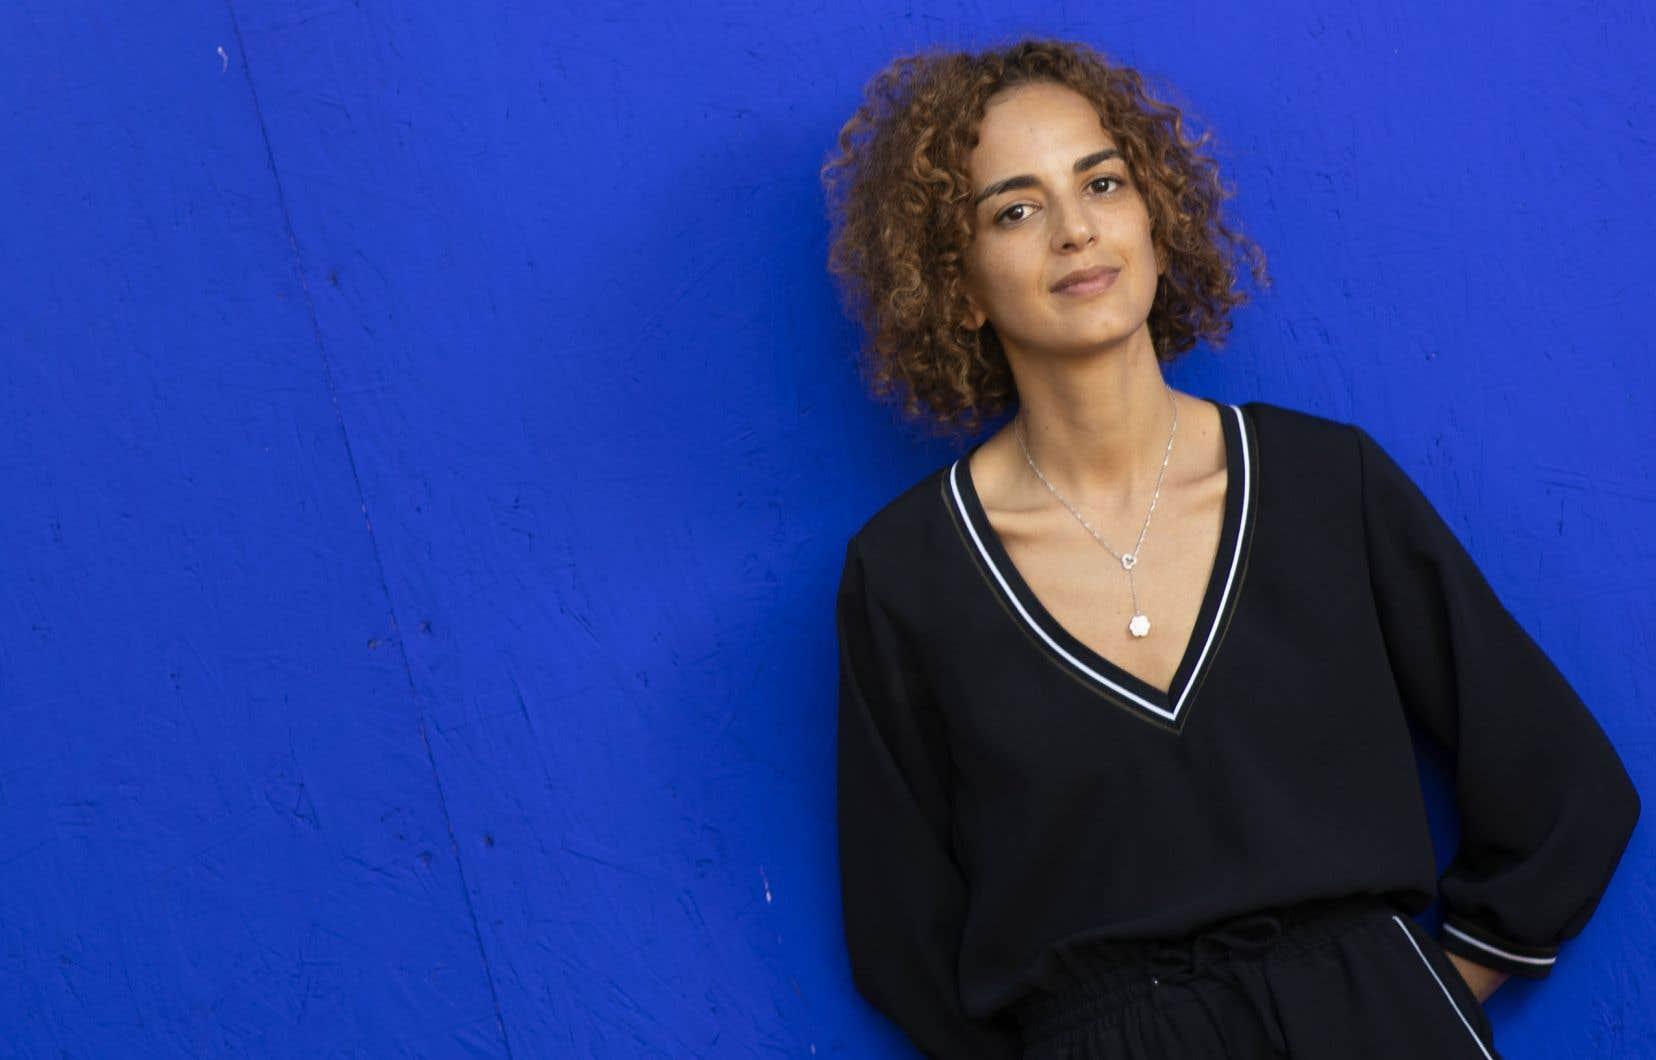 Le livre de Leïla Slimani s'amorce avec le réveil nationaliste marocain et les luttes de l'ombre contre la puissance coloniale française, la lente émancipation des femmes et les tensions entre modernité et tradition.